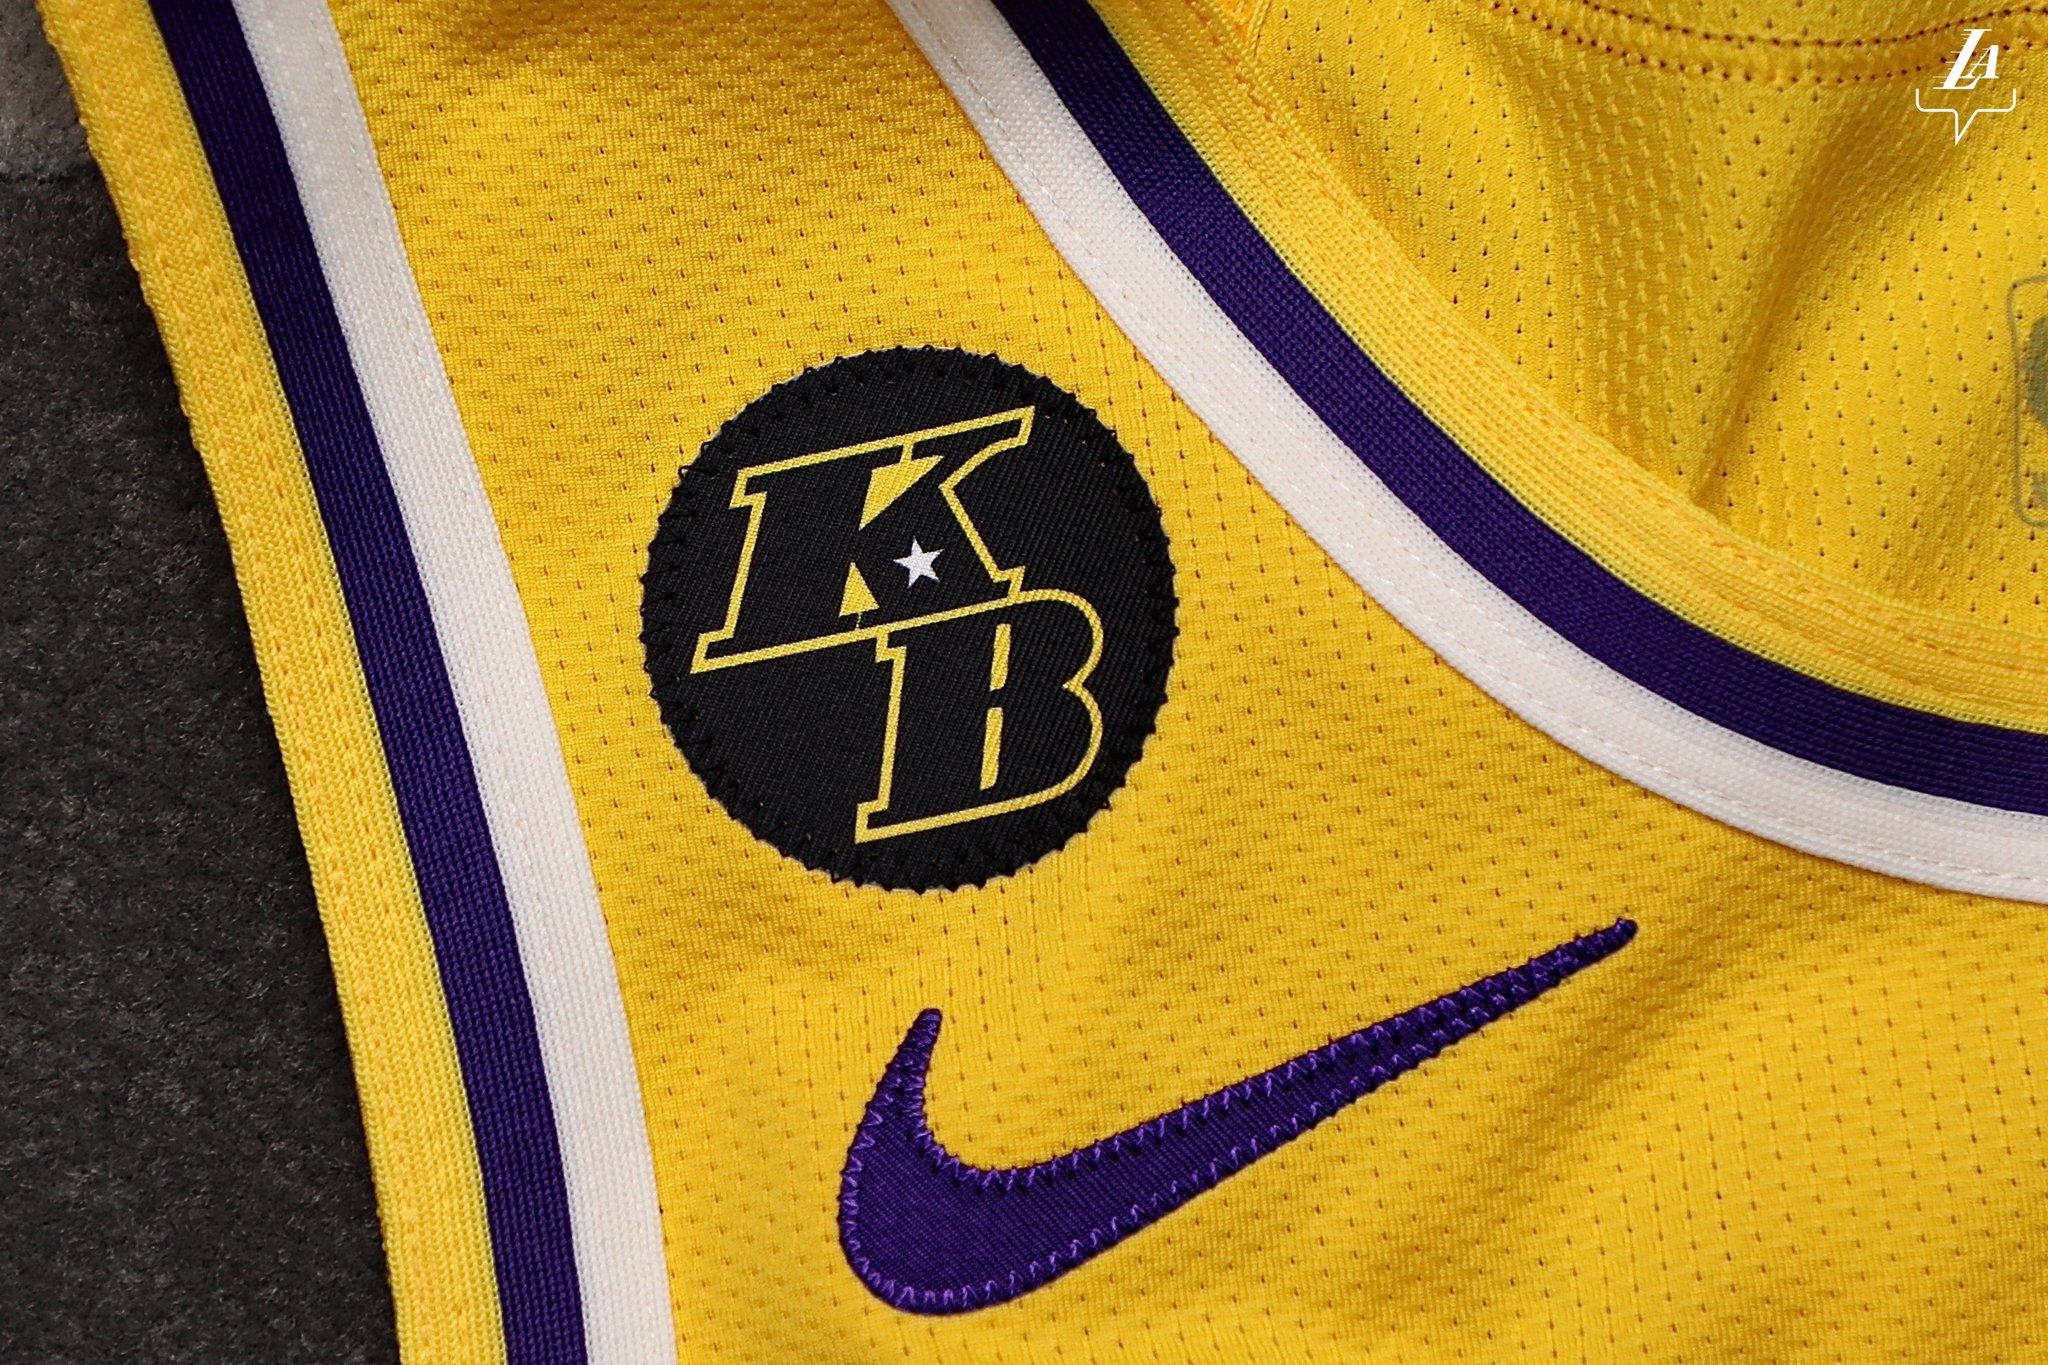 悼念科比!湖人官方发布球队今日比赛球衣照